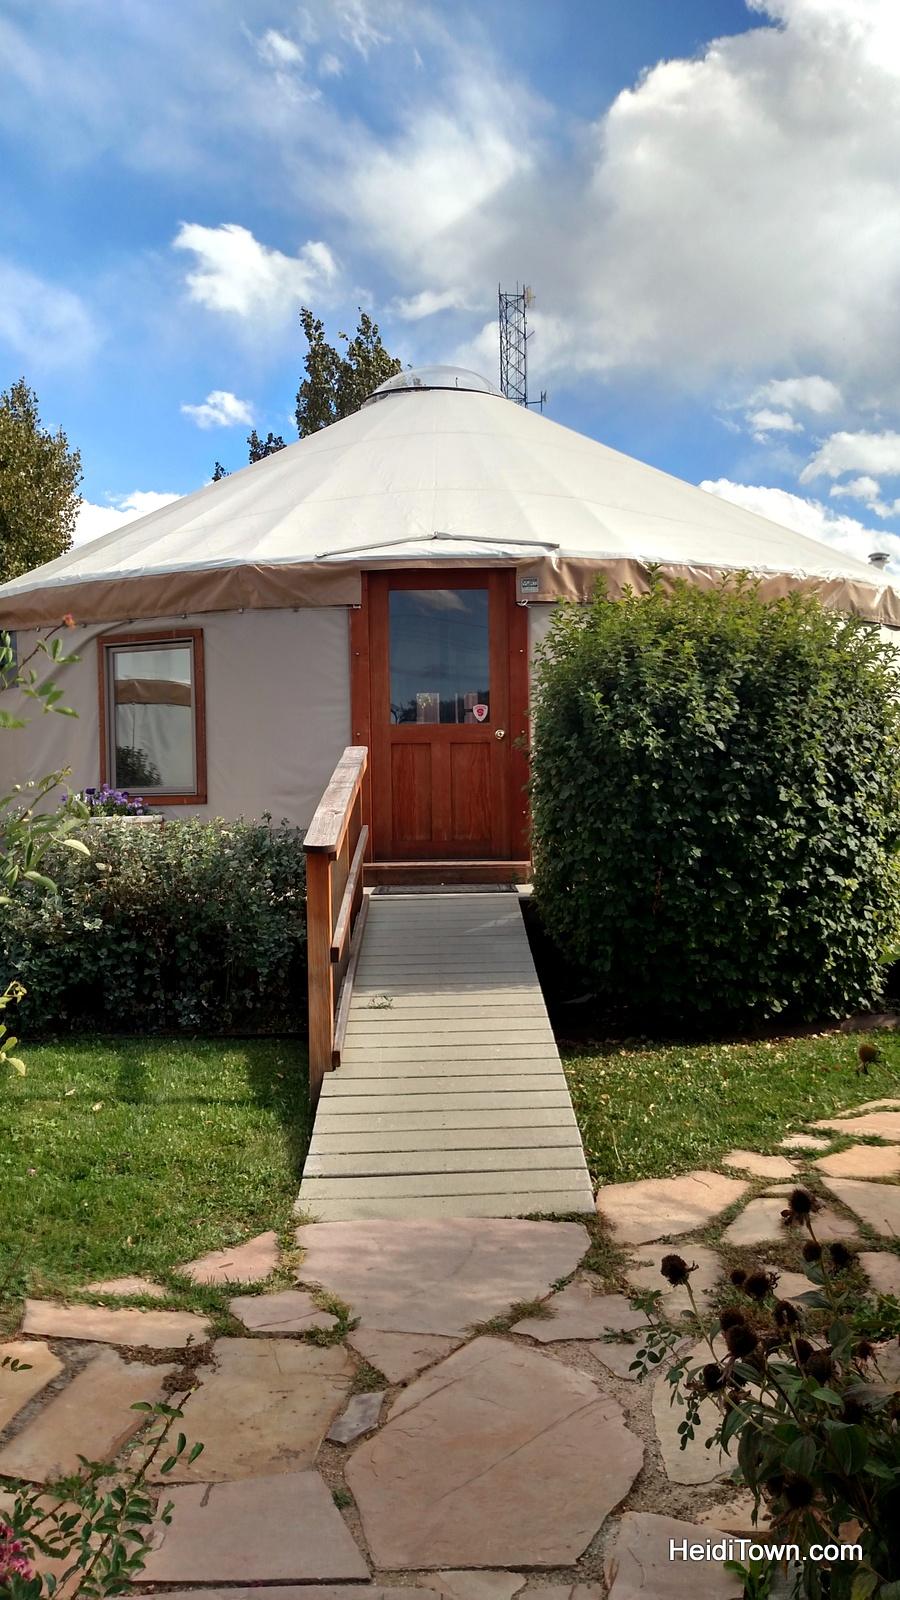 Colorado Yurt Company in Montrose, Colorado. HeidiTown.com